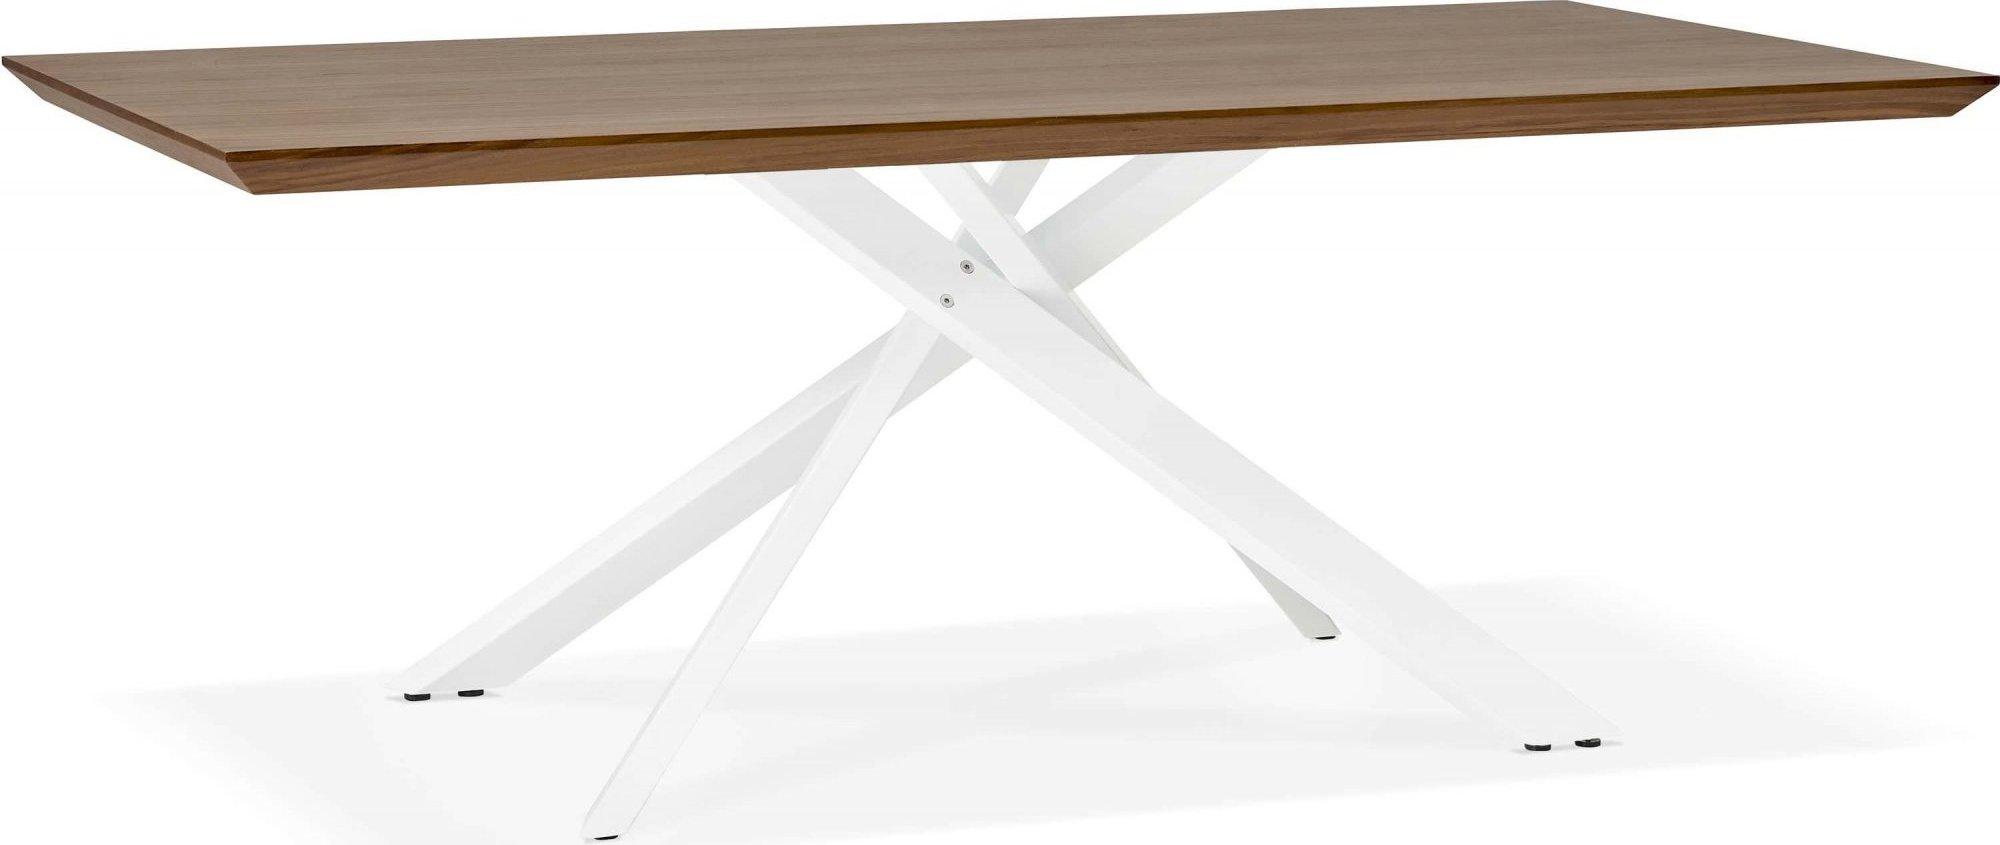 Table a diner plateau bois foncé pieds blanc 8 places l200cm